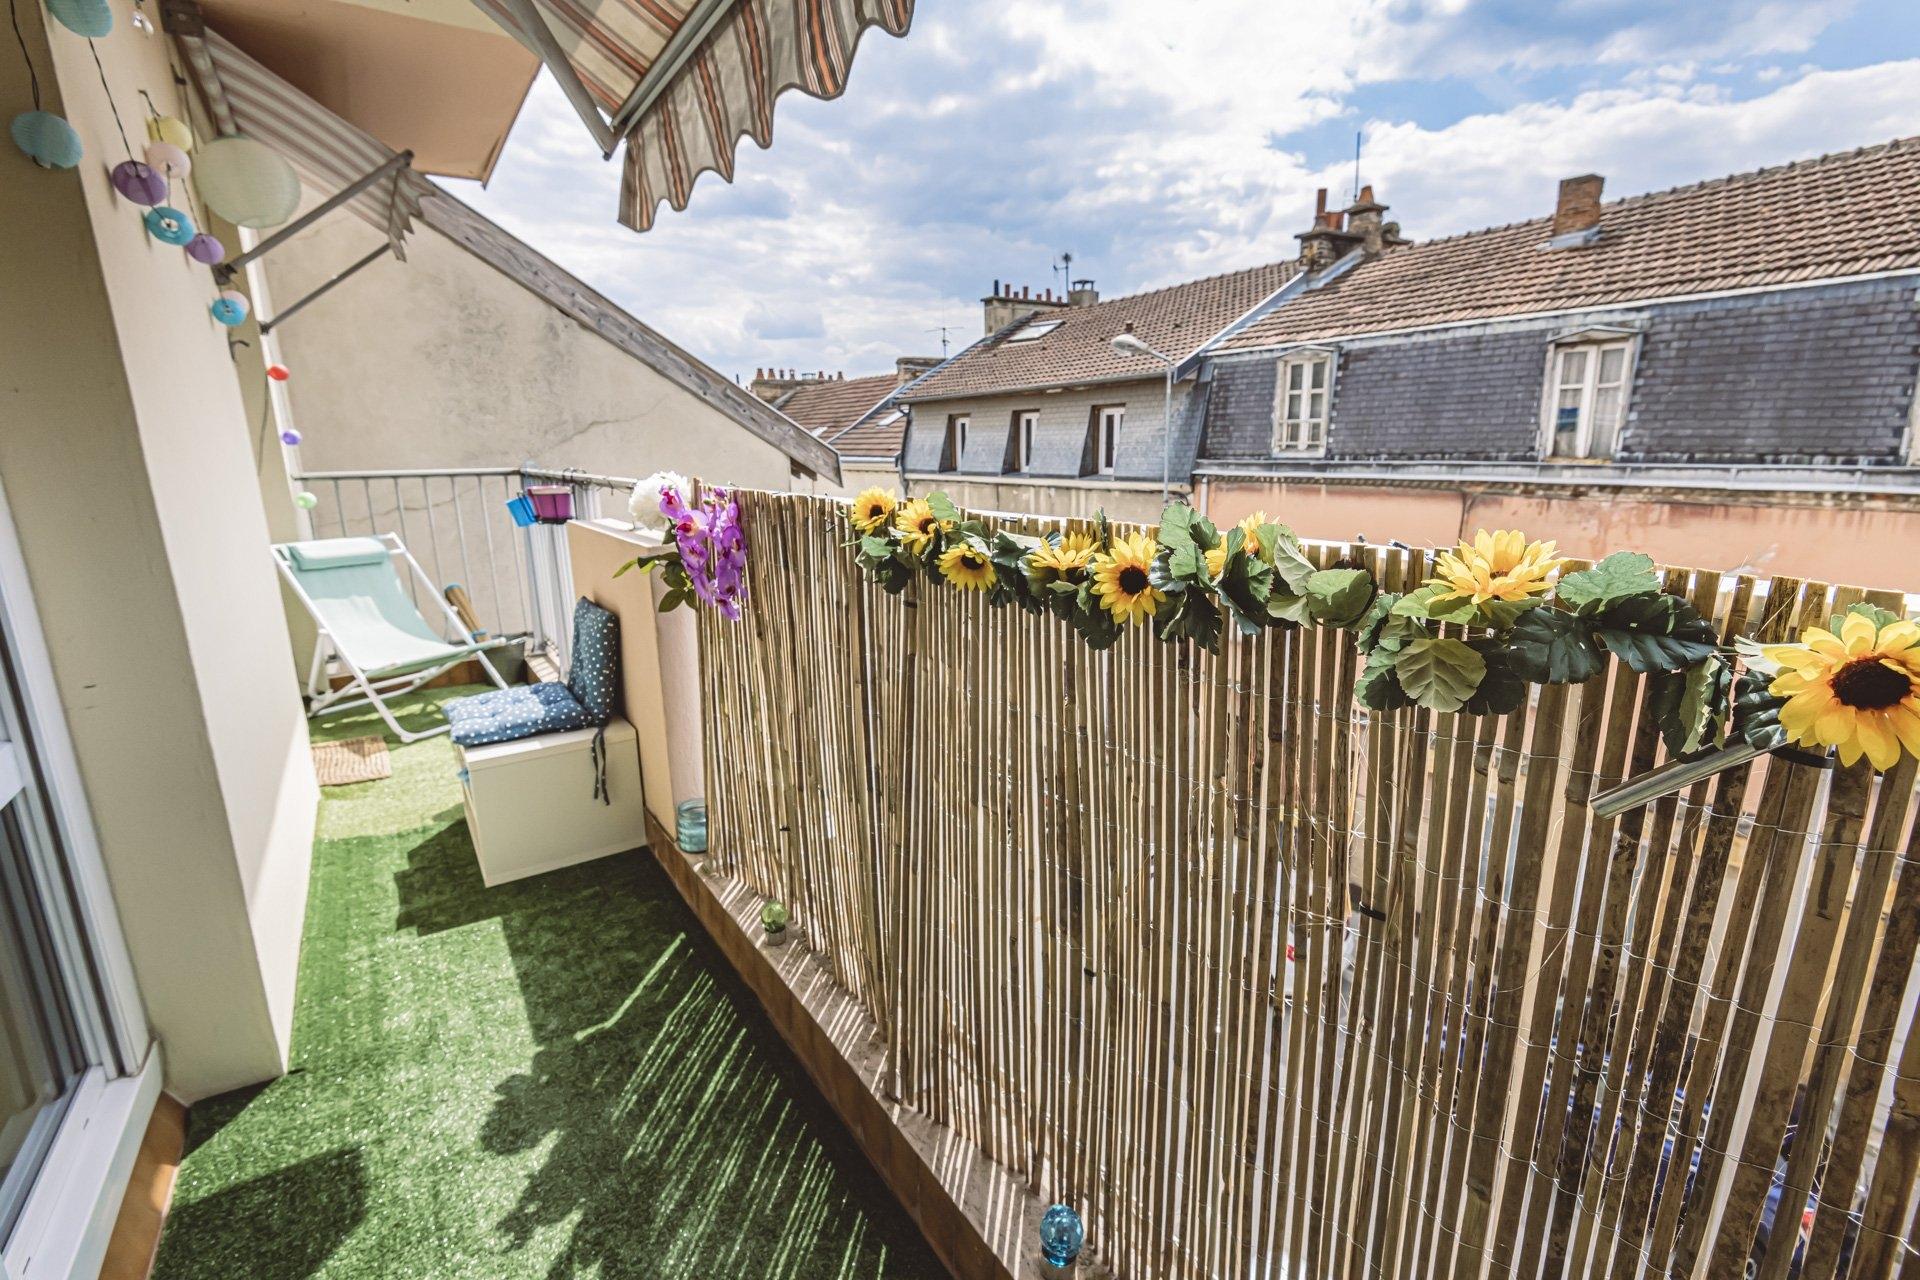 Appartement Reims 3 Pièces 68.3 m2 - Balcon - 6